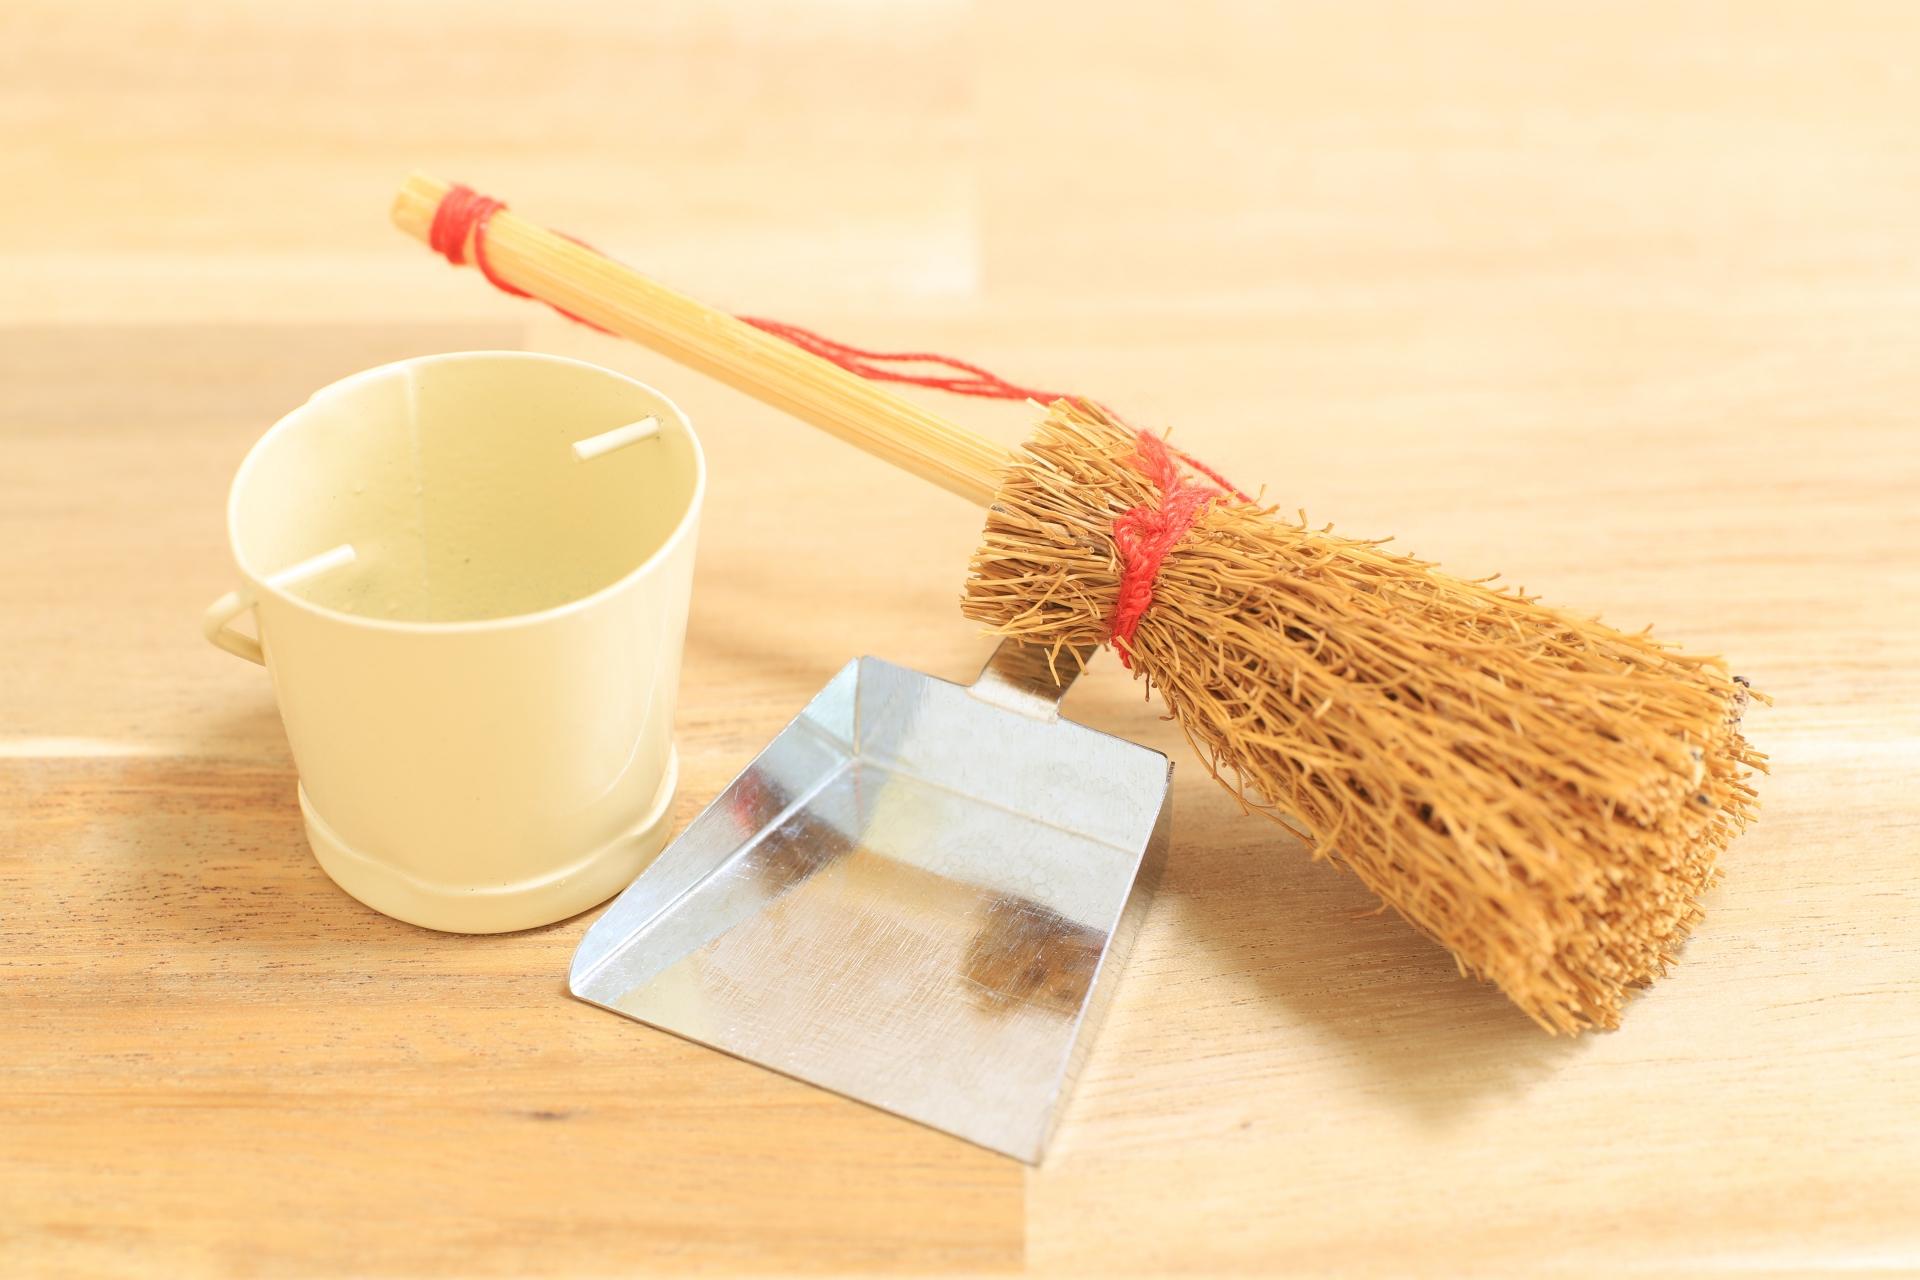 面倒な大掃除!楽にキレイにできる時短法~業者利用のコツ【全知識】